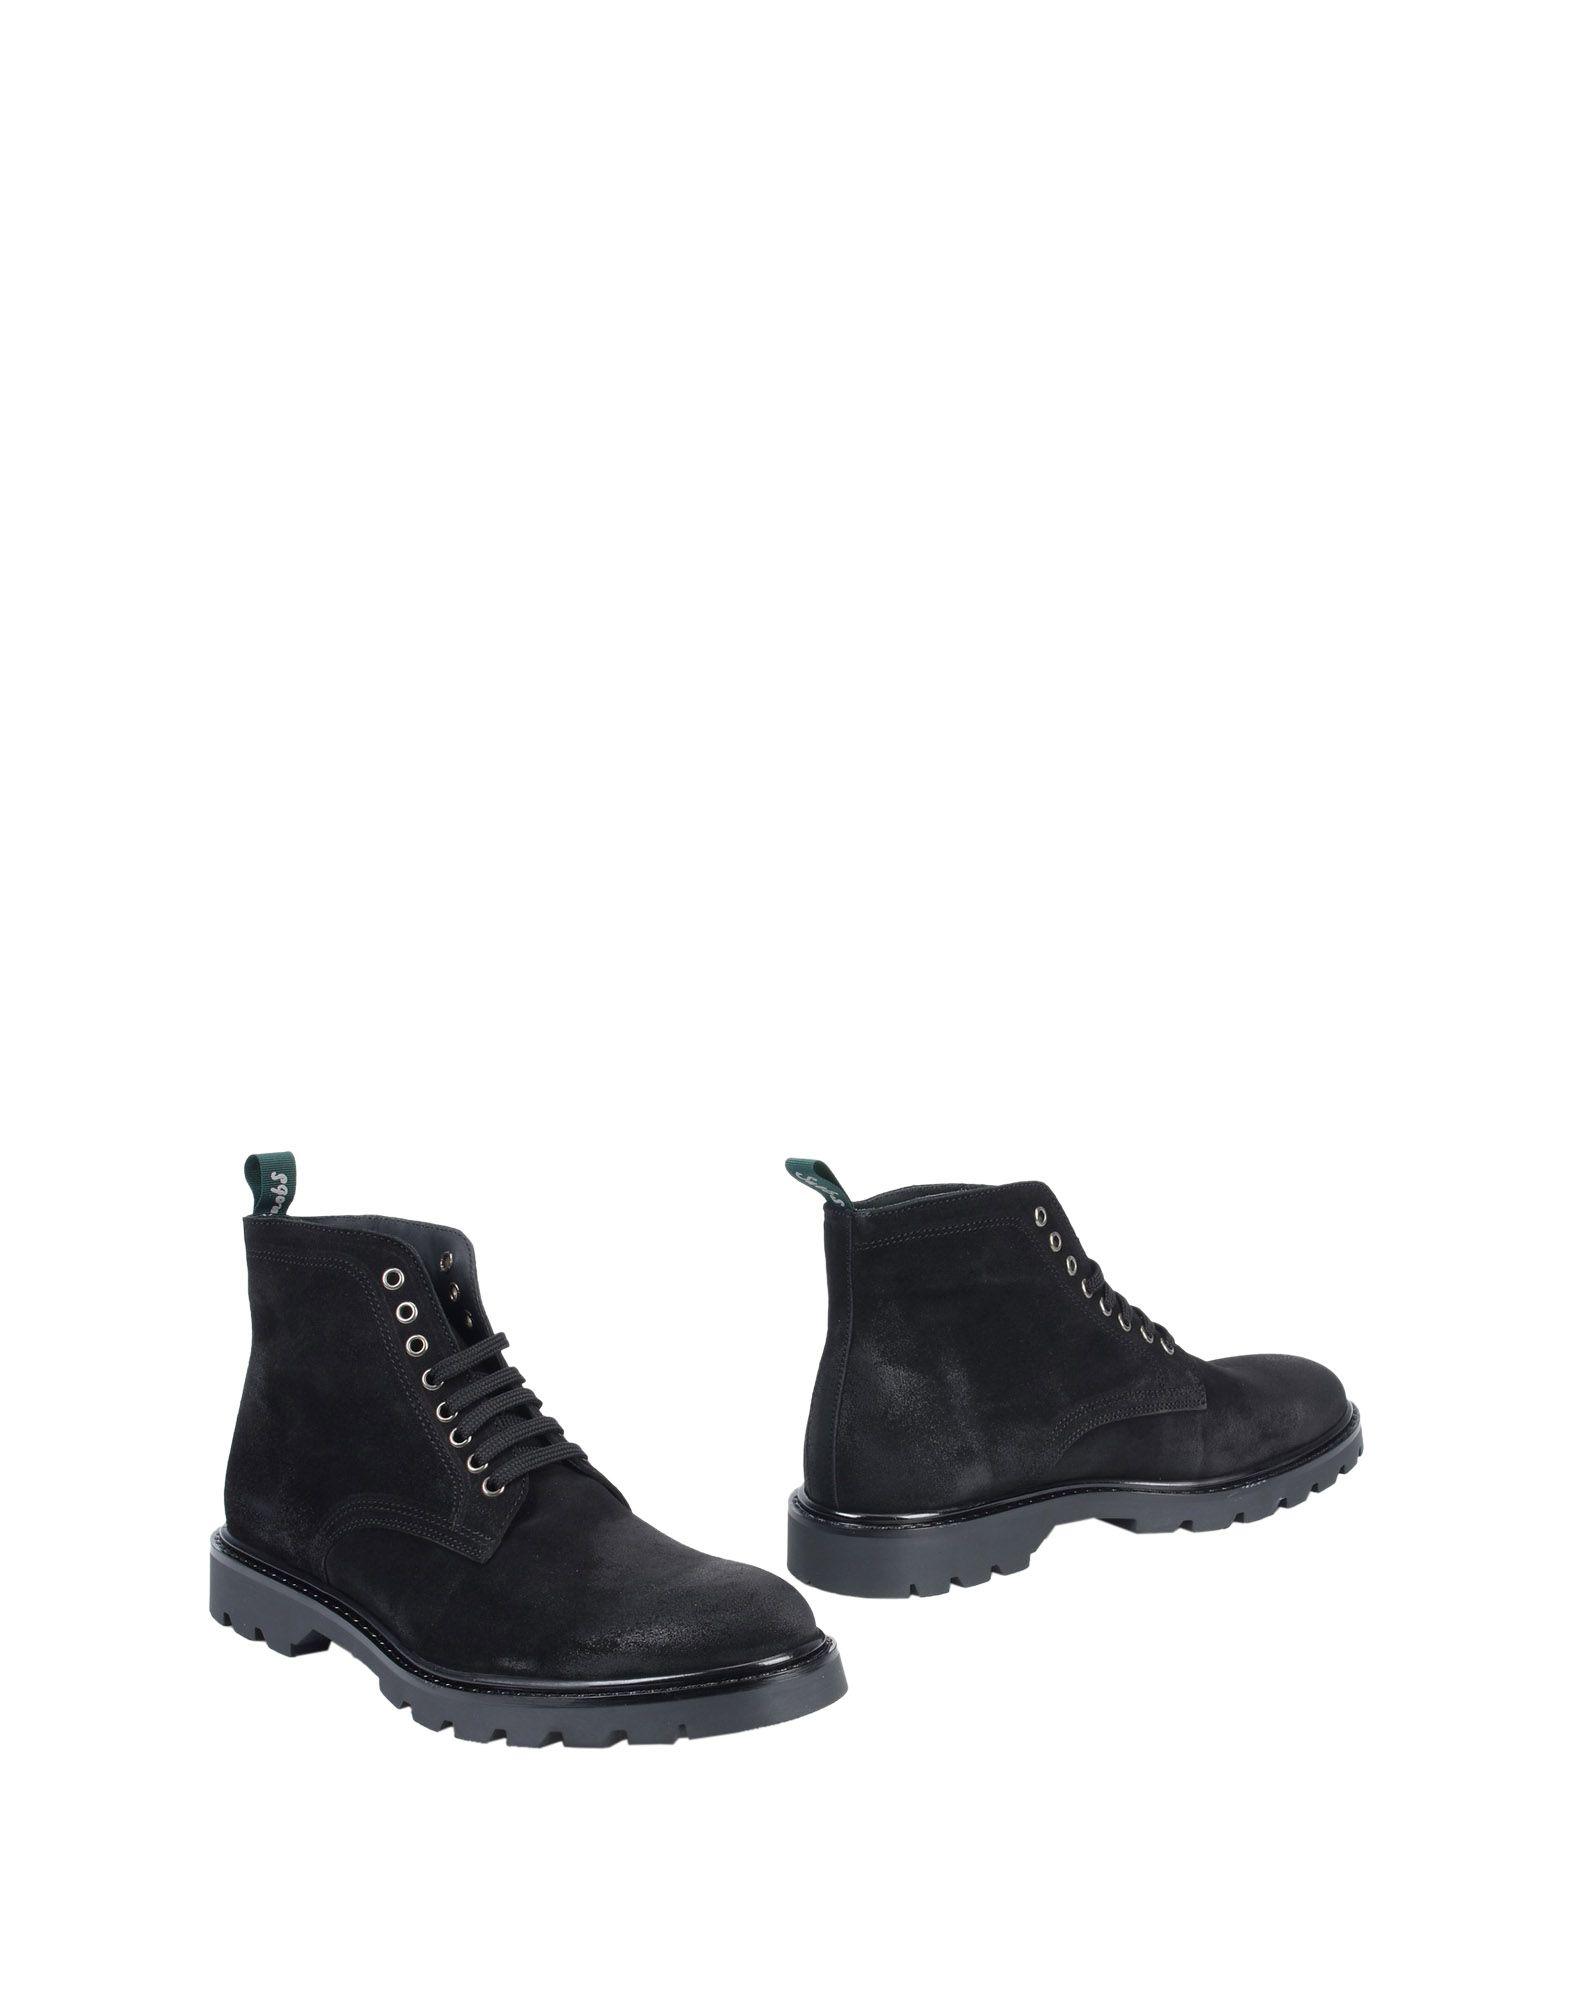 Snobs® Stiefelette Herren  11512443II Gute Qualität beliebte Schuhe